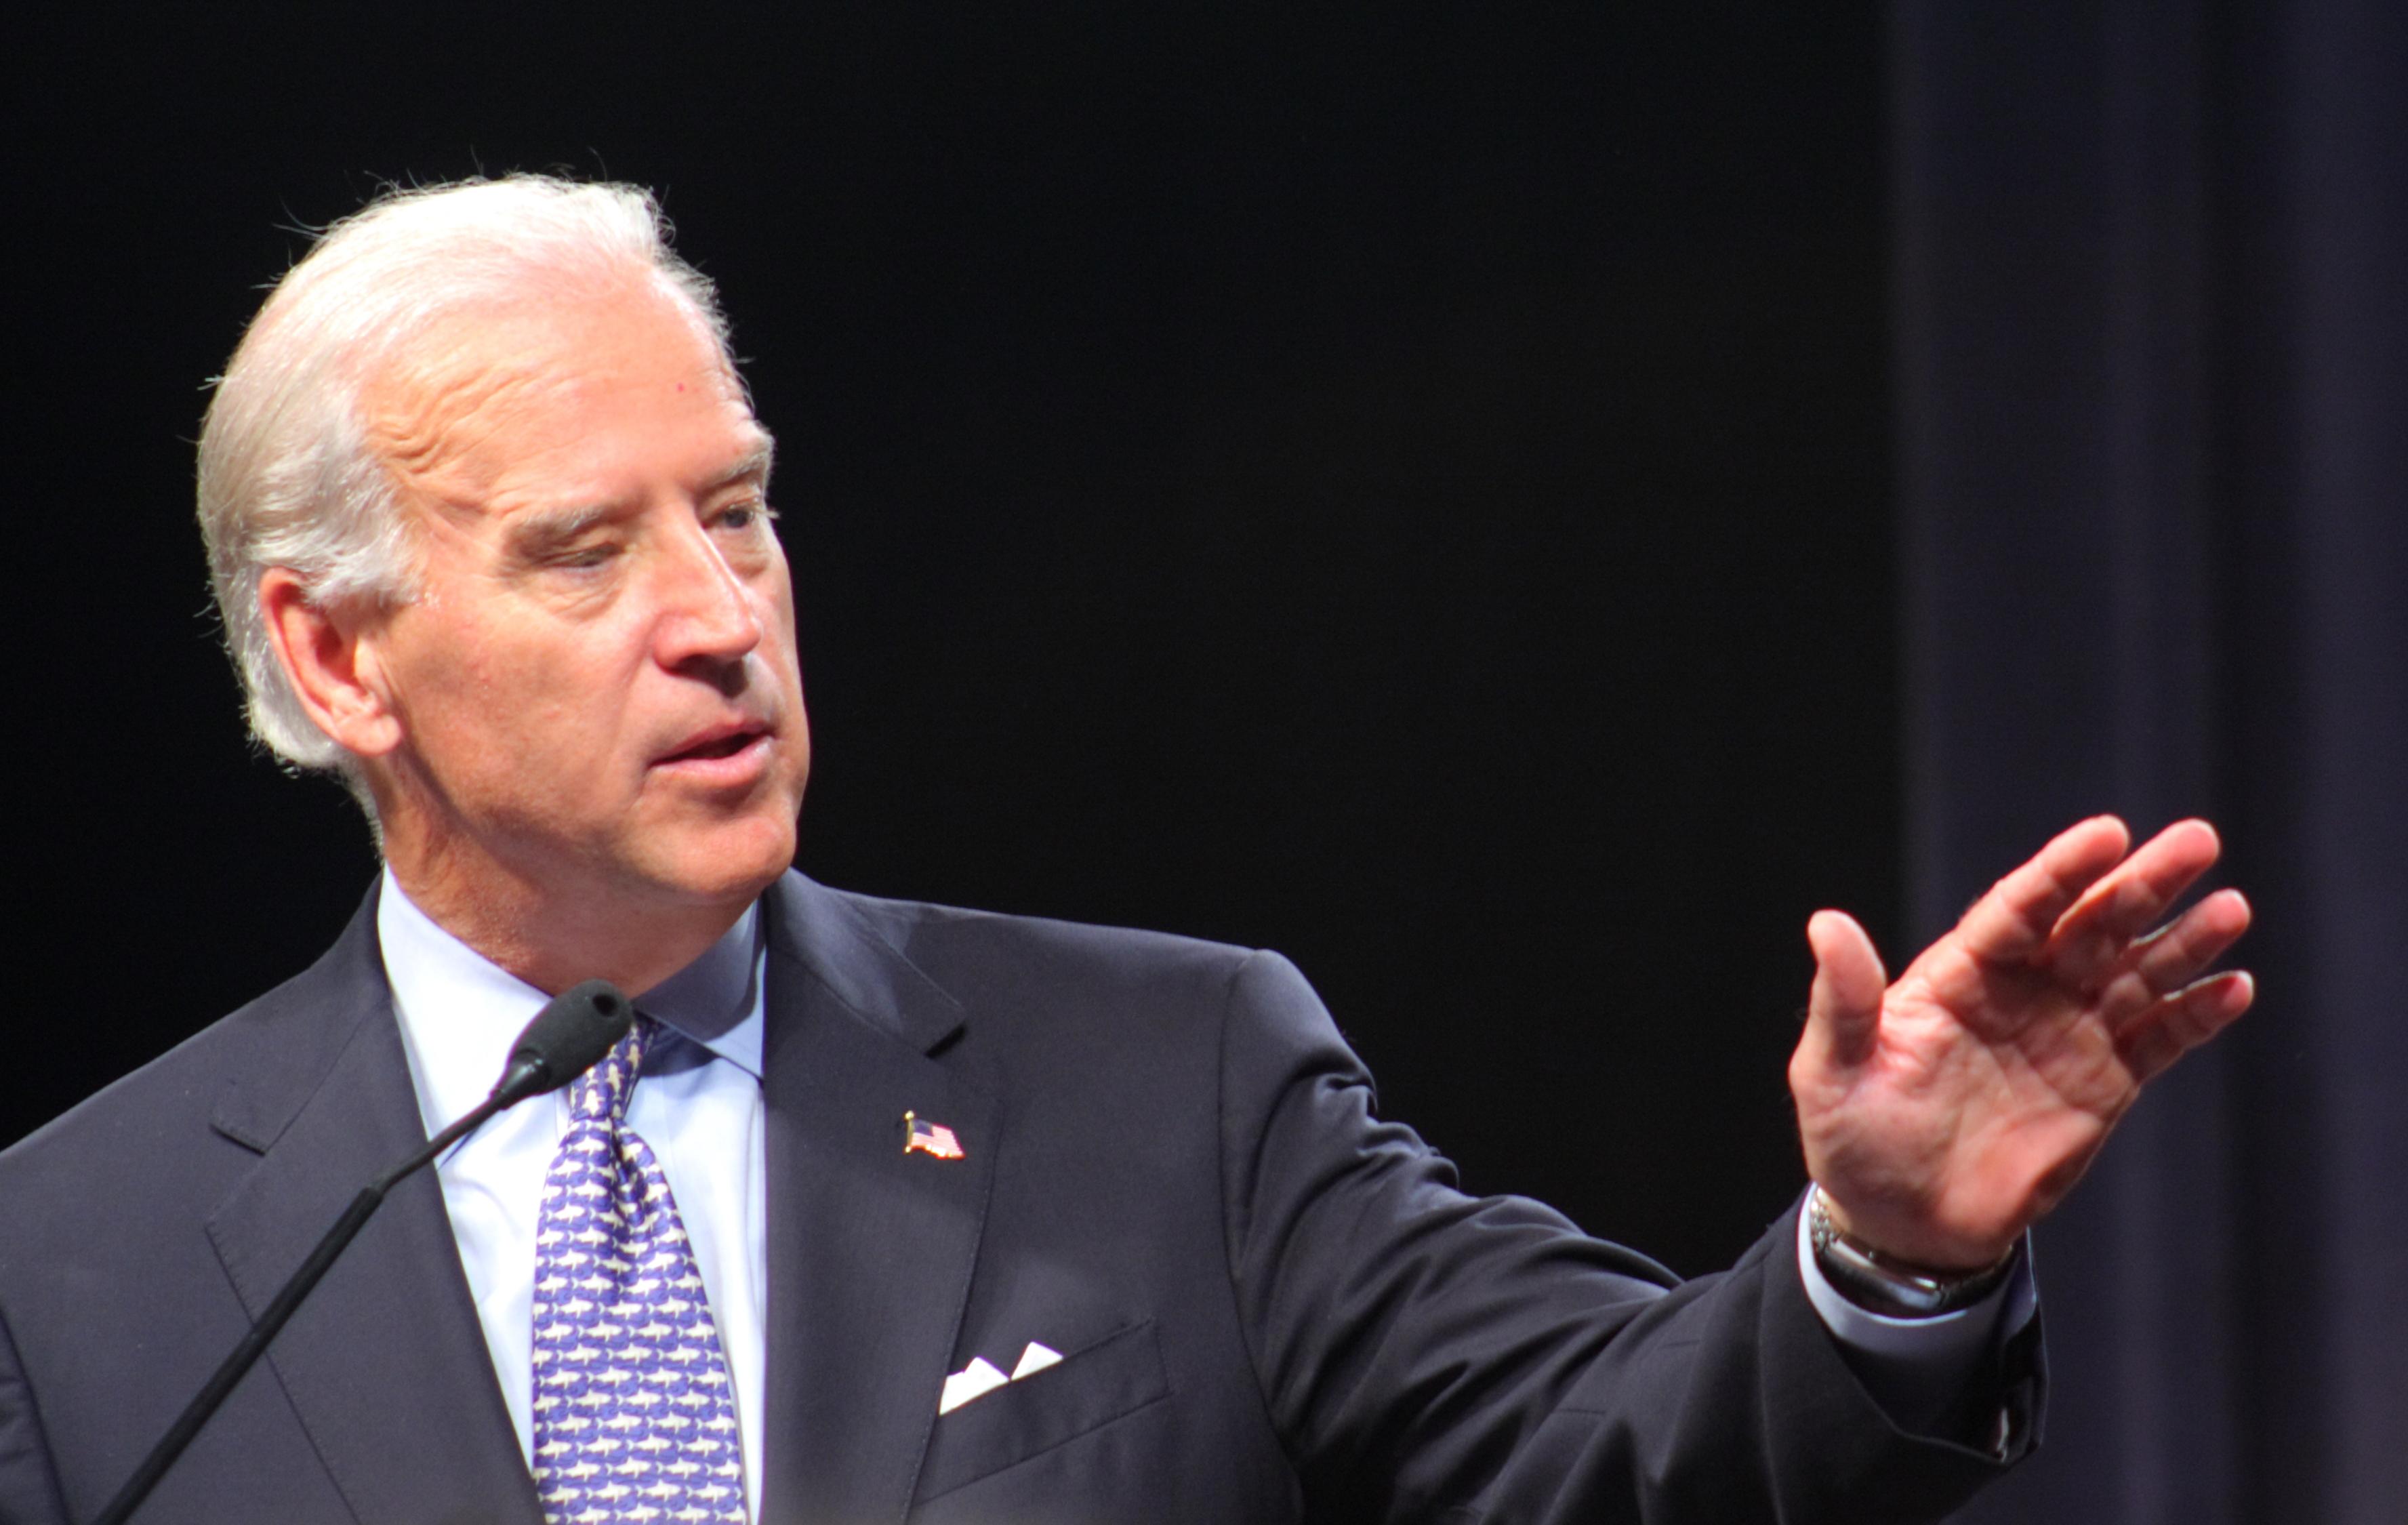 Ukraina: Joe Biden miał otrzymać 900 tysięcy dolarów. Większą sumę miał dostać Aleksander Kwaśniewski!